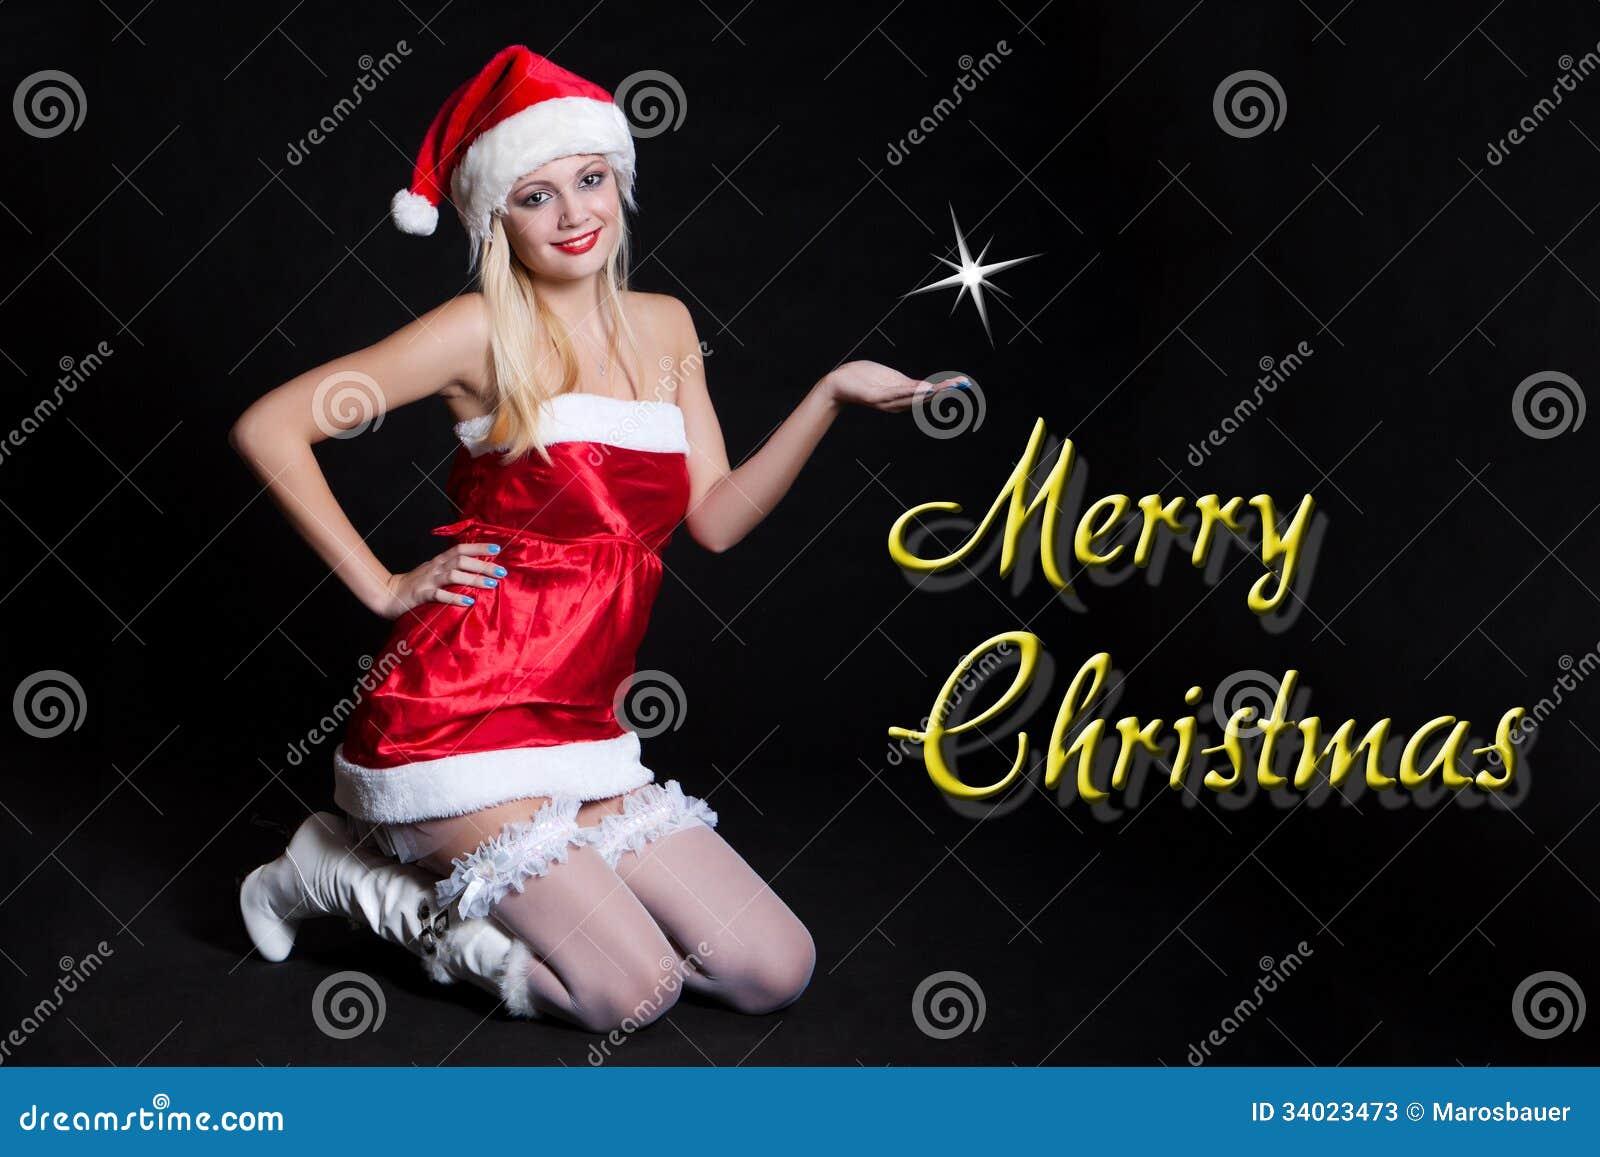 Foto Di Natale Con Donne.Buon Natale Con Donne